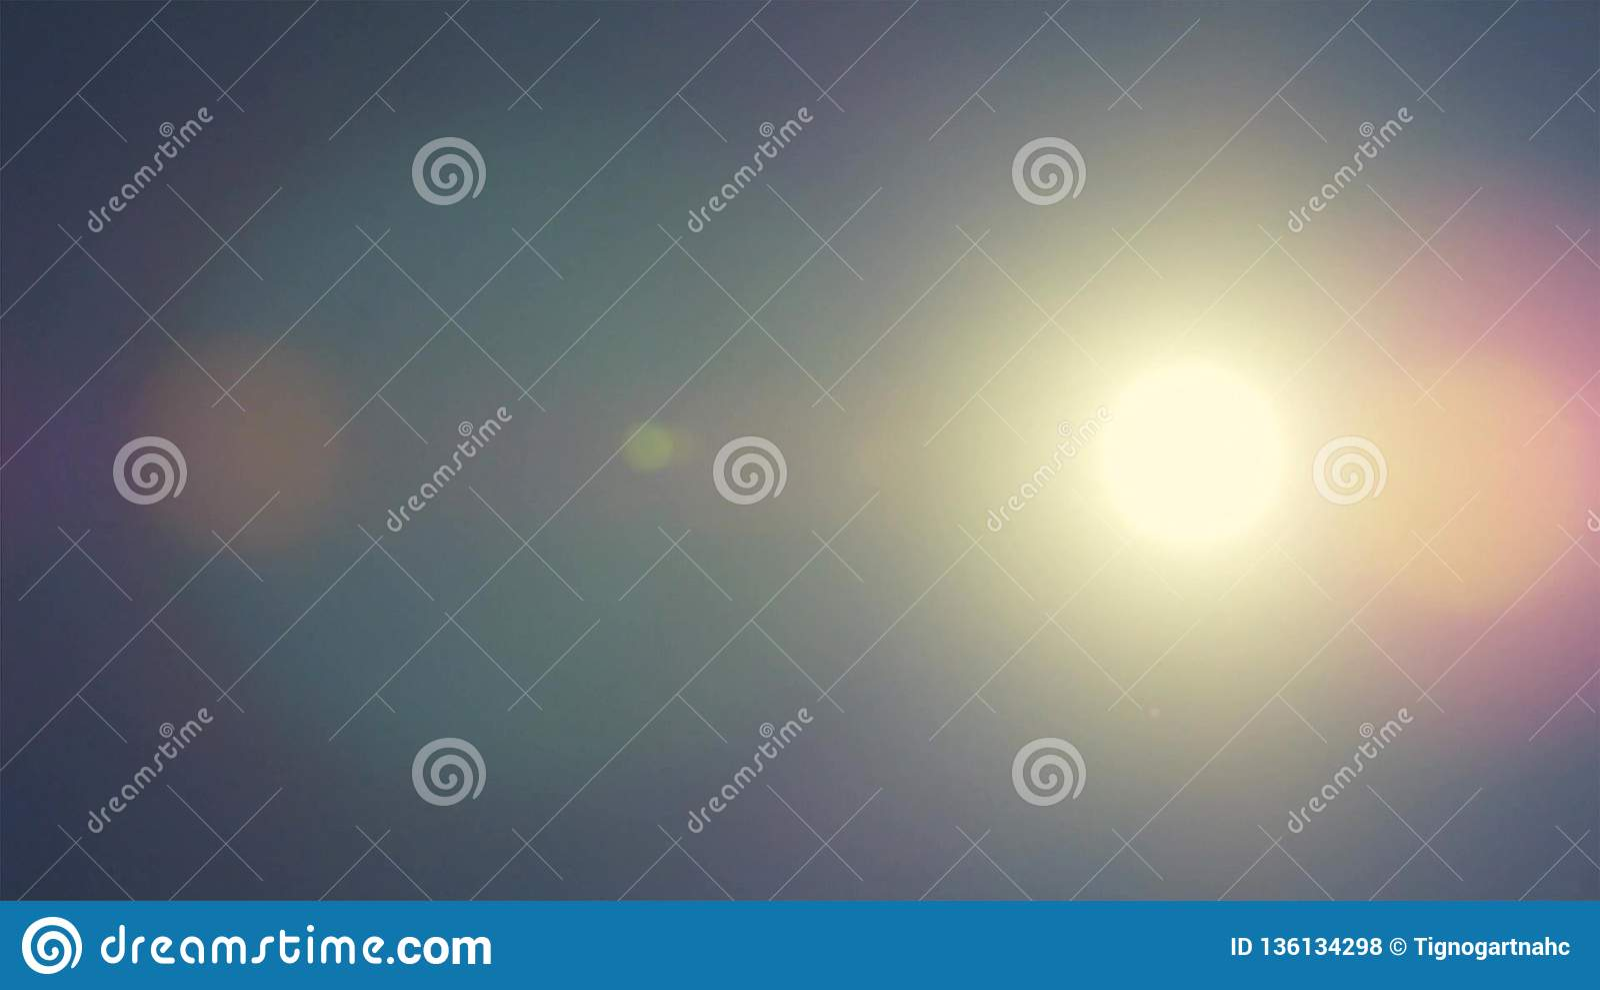 太阳的光环现象在蓝天的